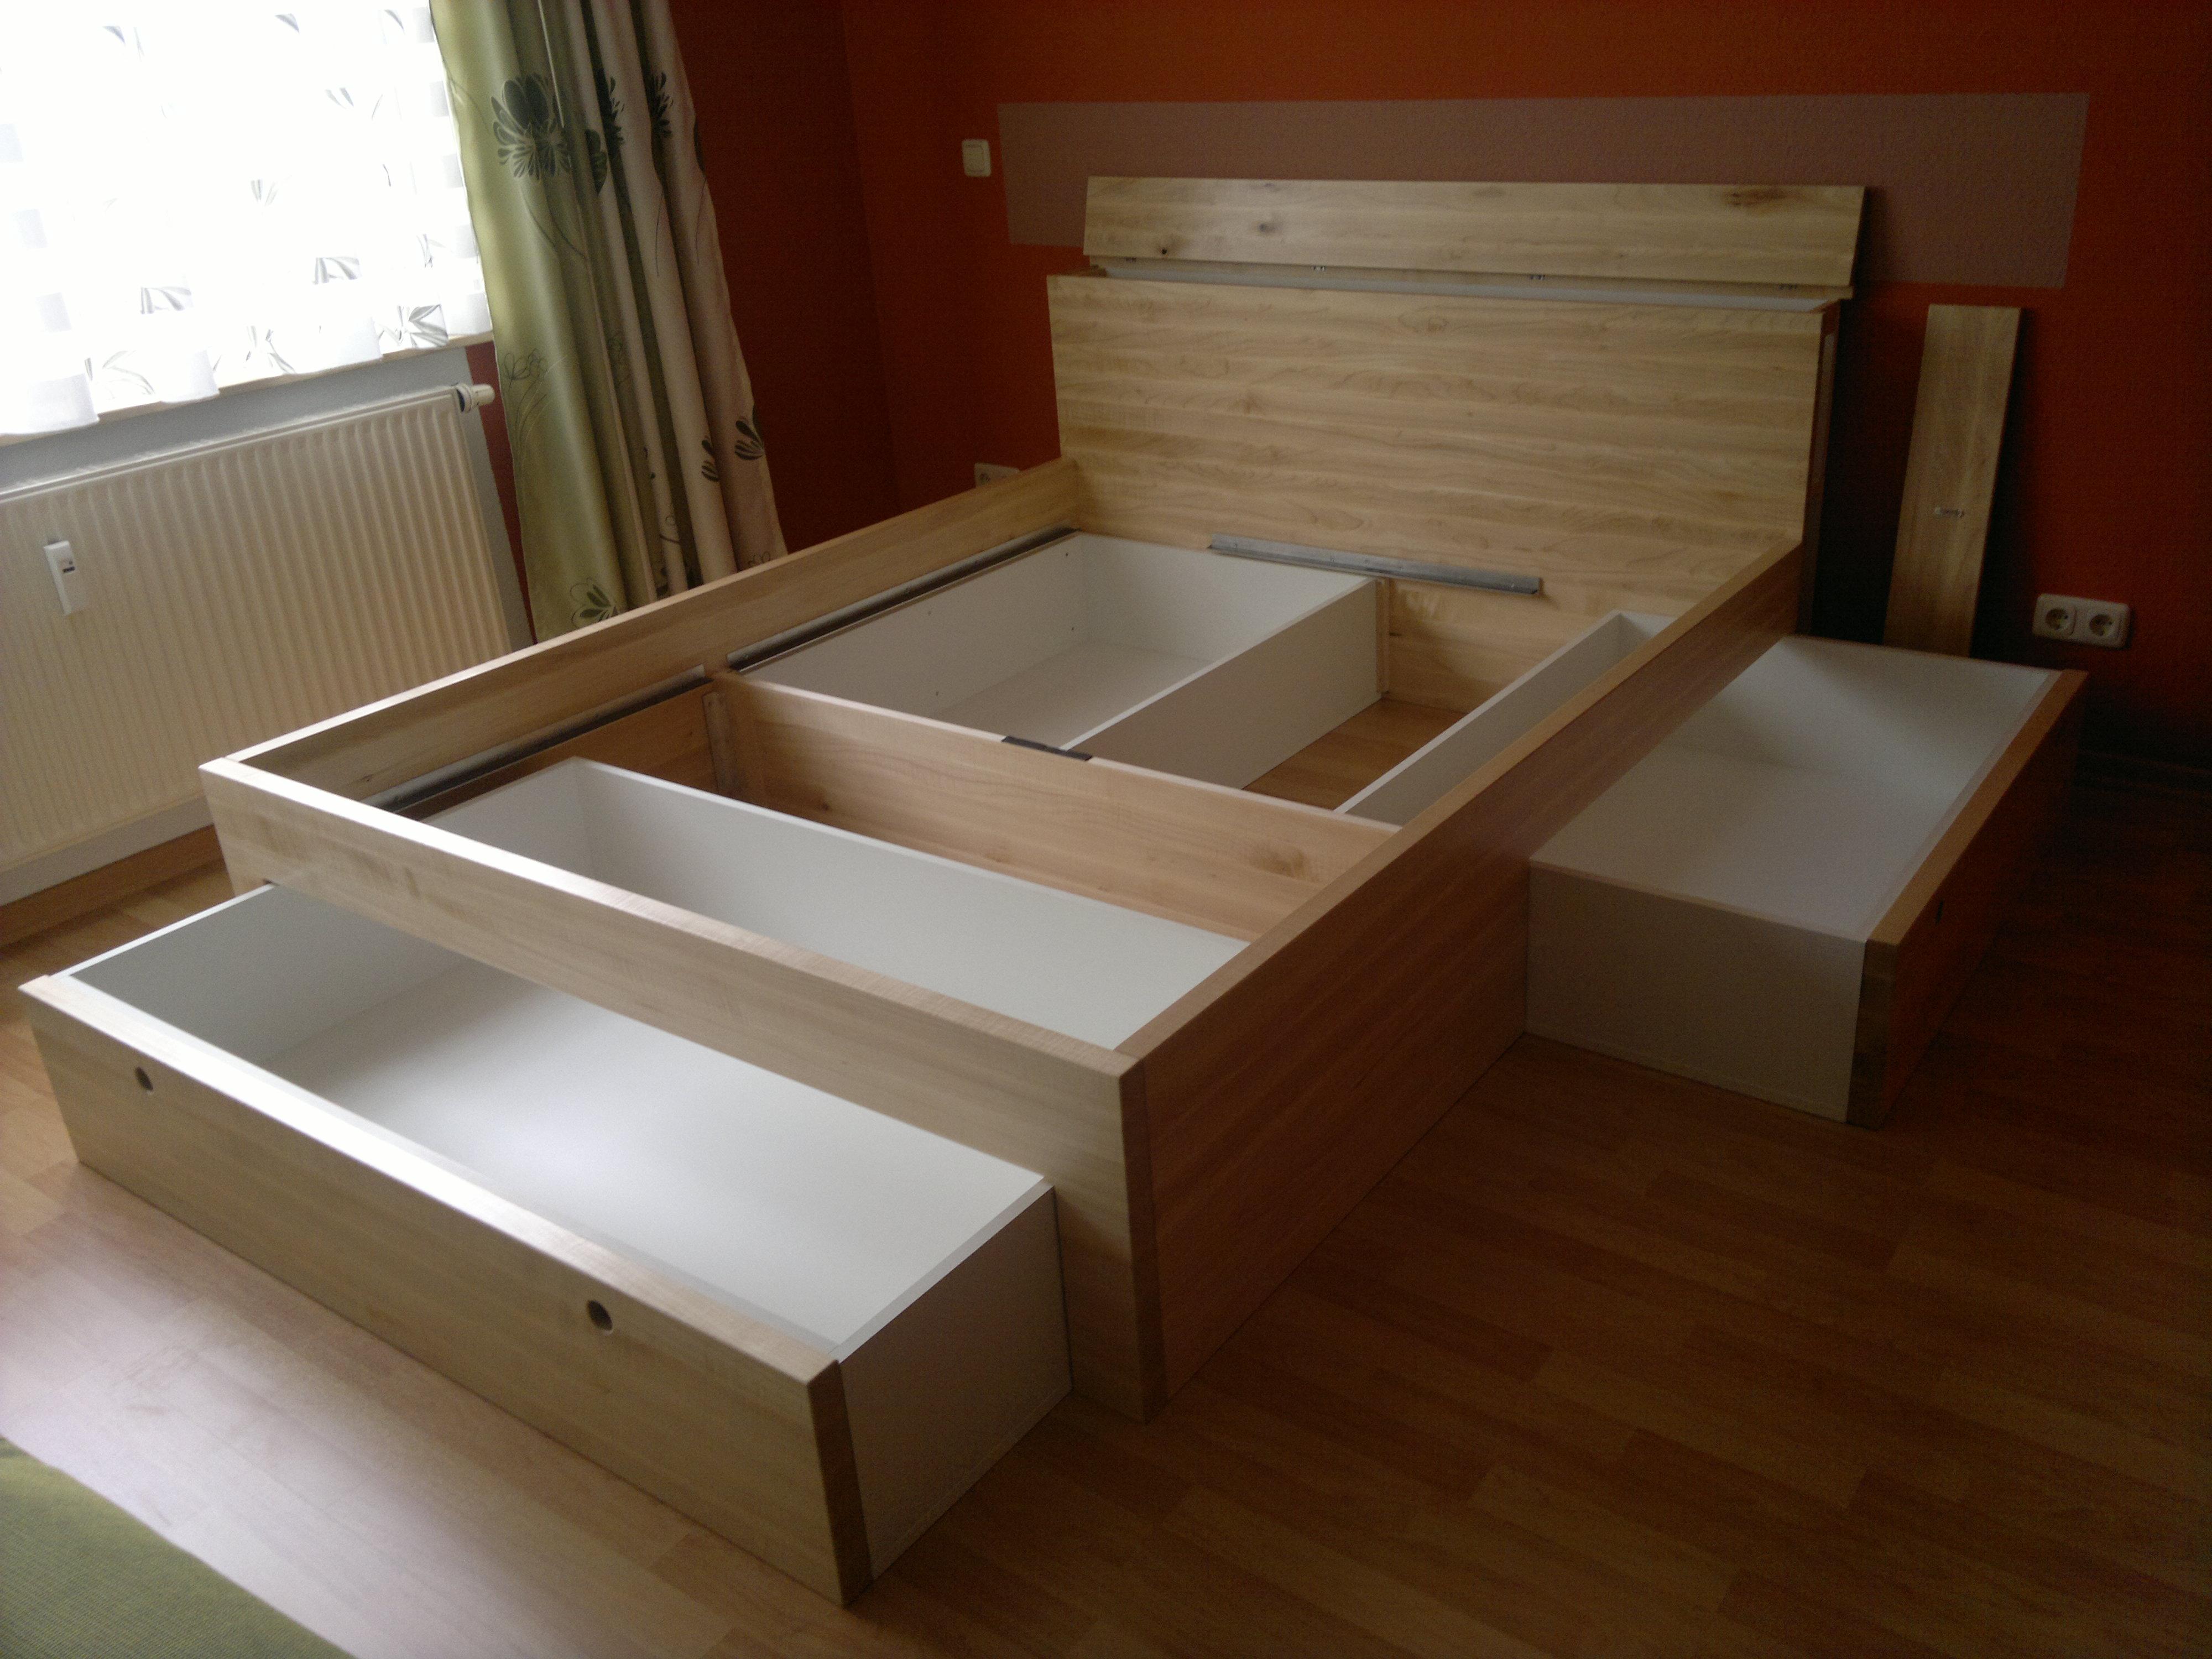 bett mit stauraum wohn design. Black Bedroom Furniture Sets. Home Design Ideas